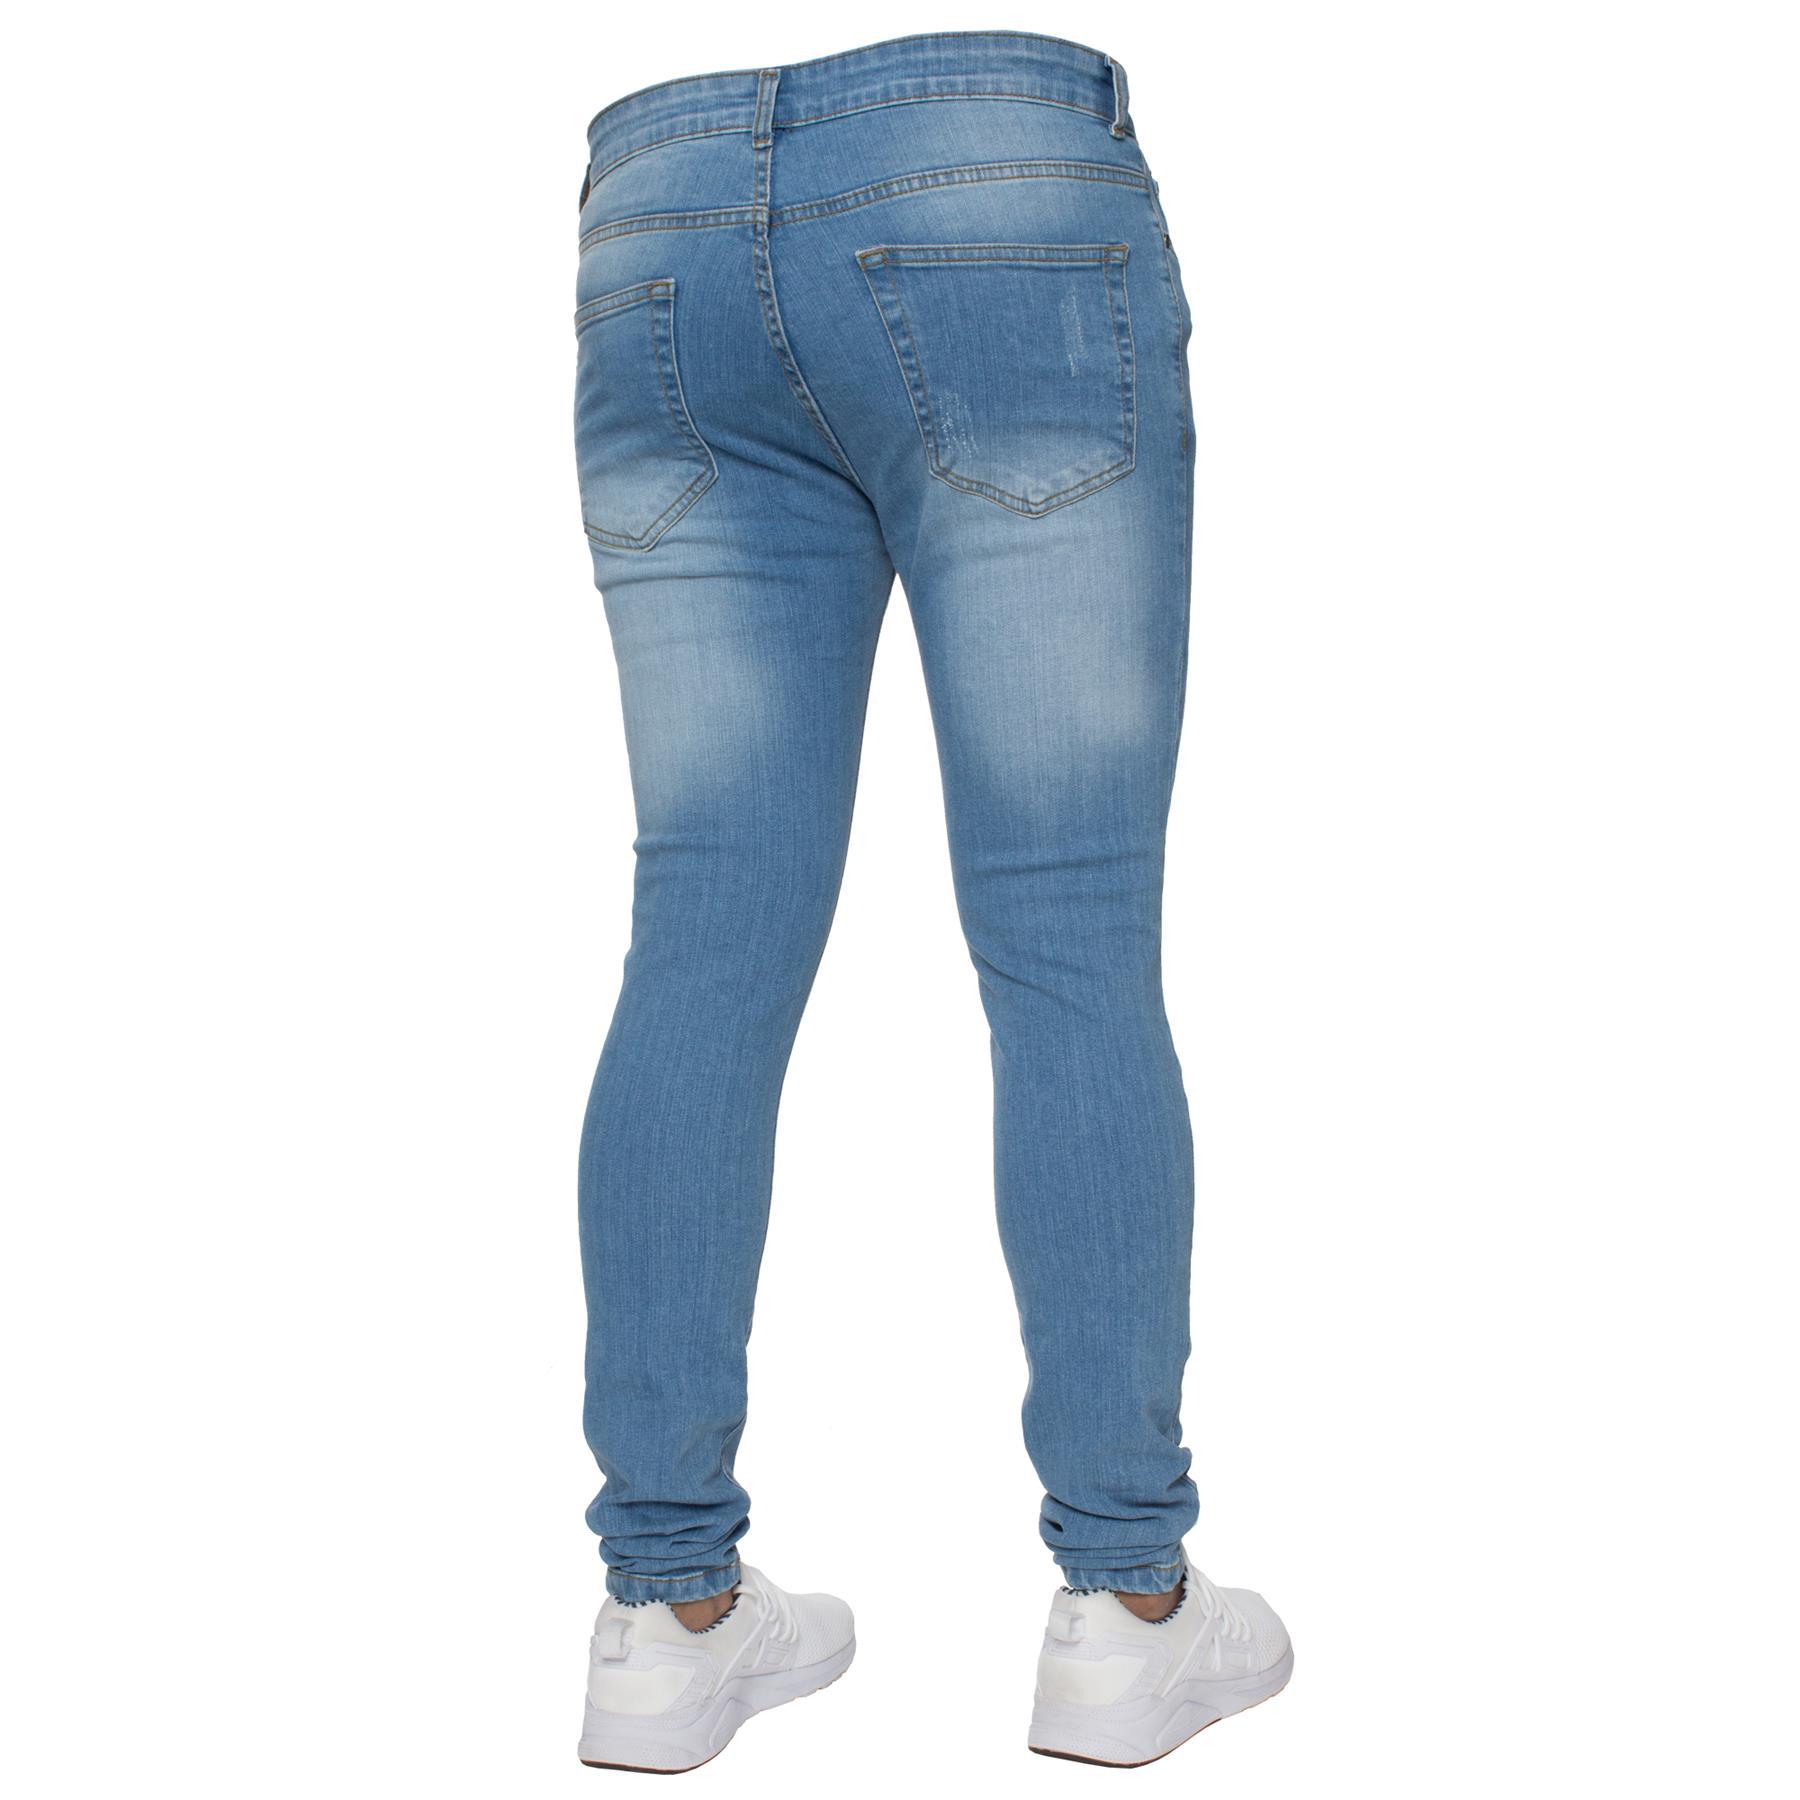 Para-hombre-Super-Skinny-Ripped-Jeans-Pantalones-Ajustados-desgastados-Denim-Envejecido-Todas miniatura 11